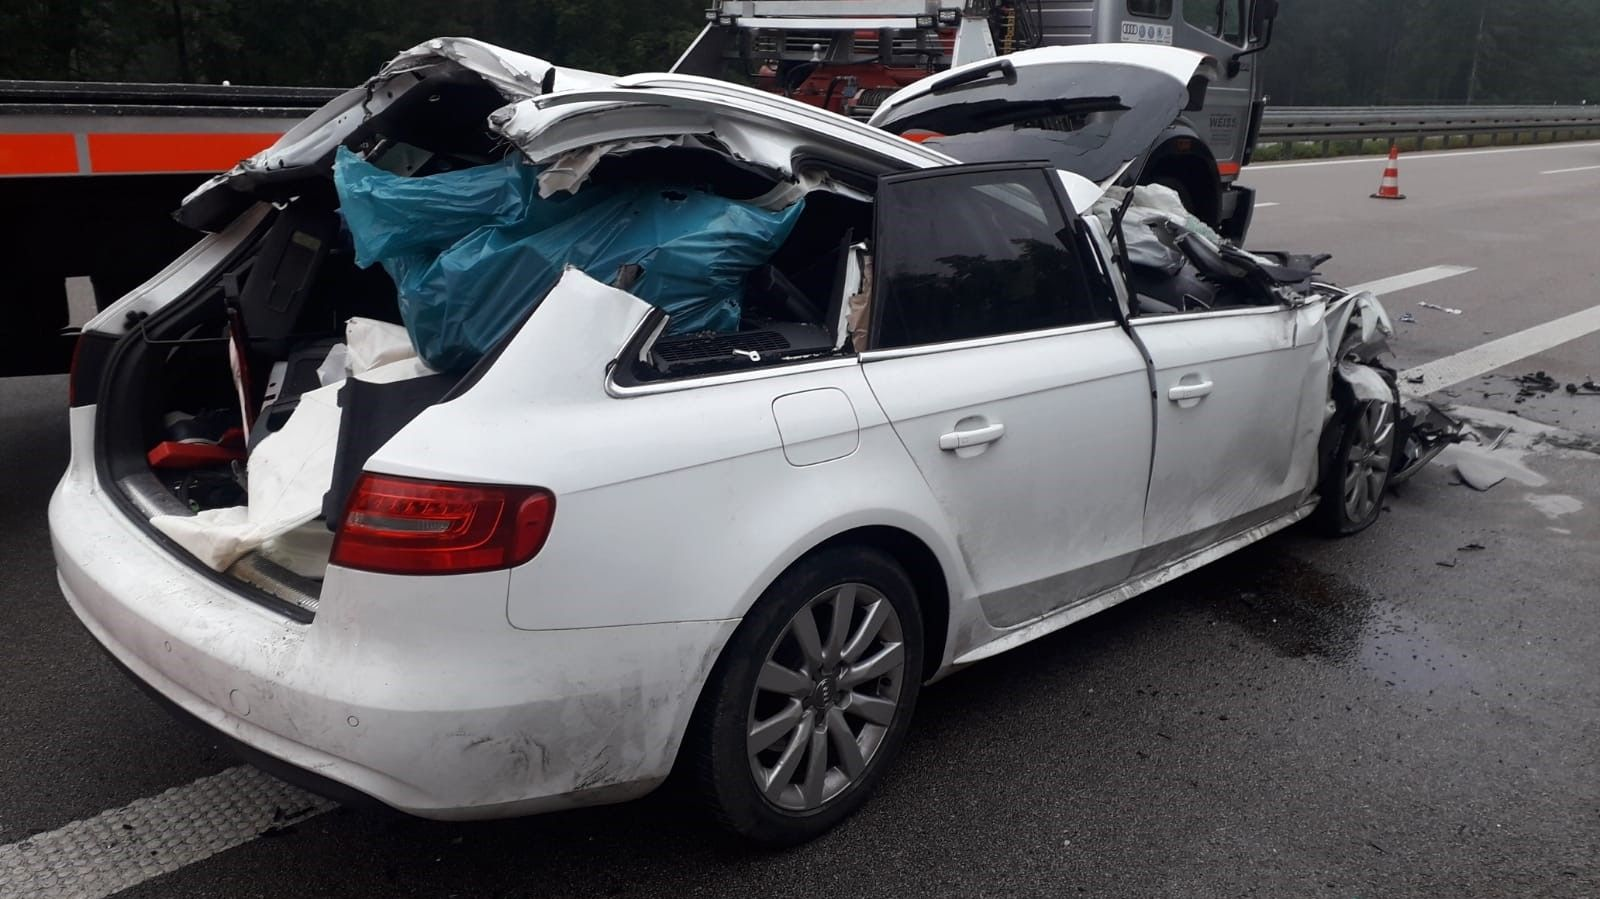 Das Autowrack nach dem schweren Auffahrunfall